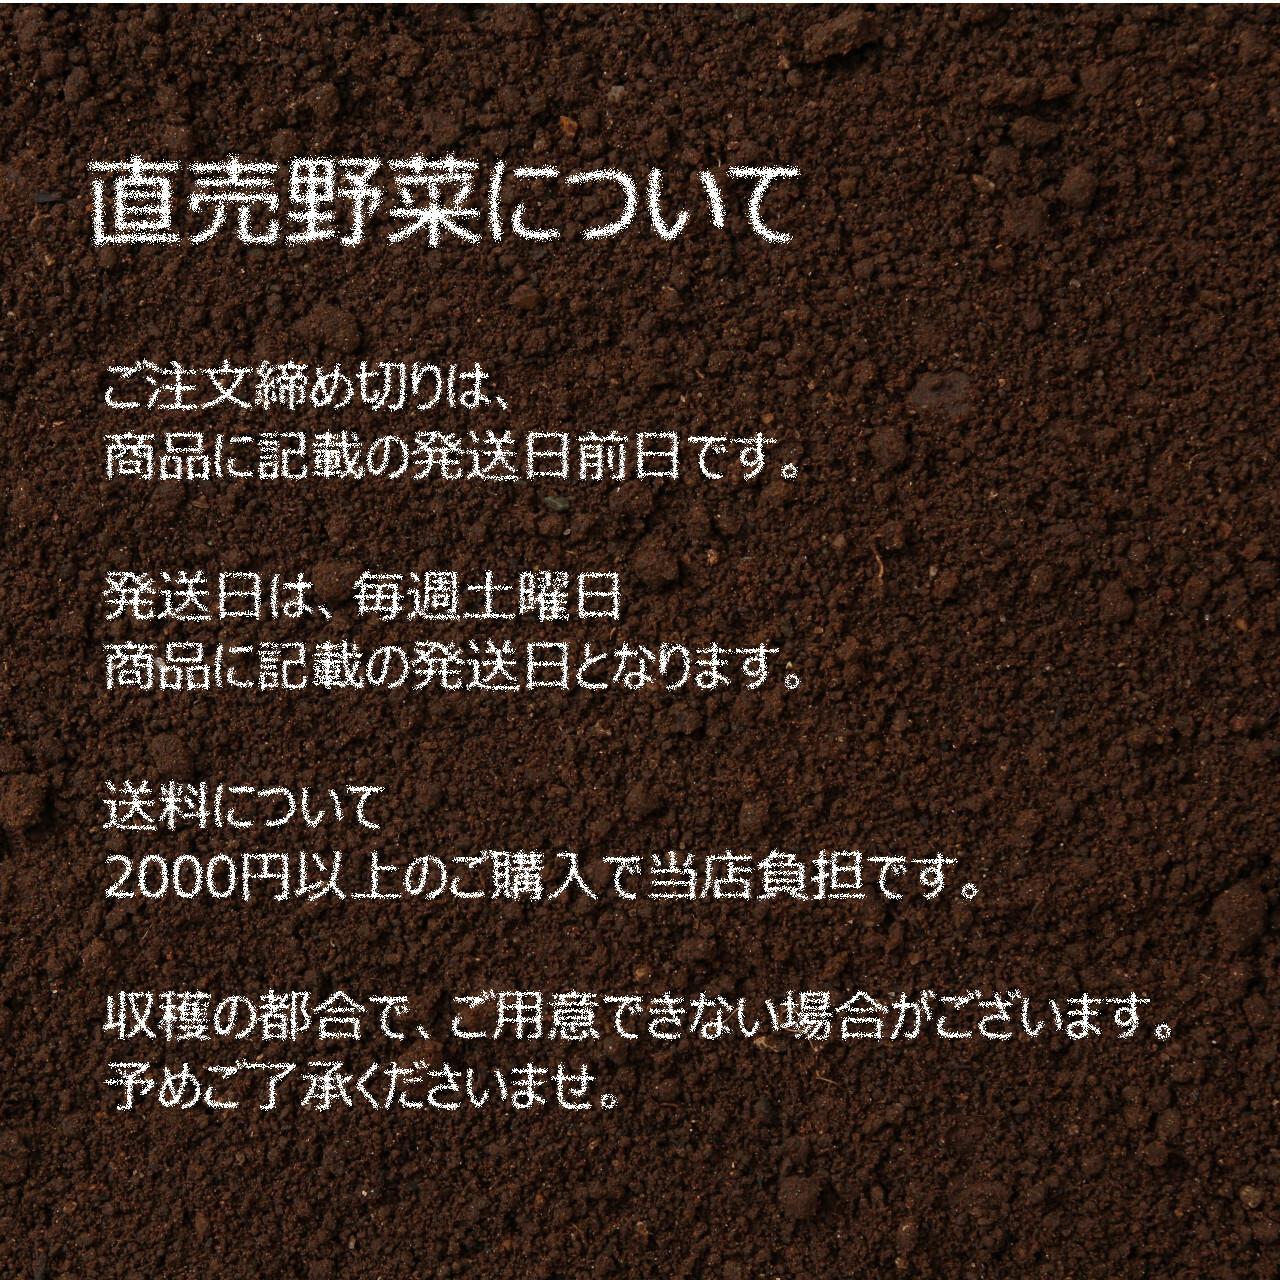 6月の朝採り直売野菜 : キュウリ 3~4本 6月22日発送予定